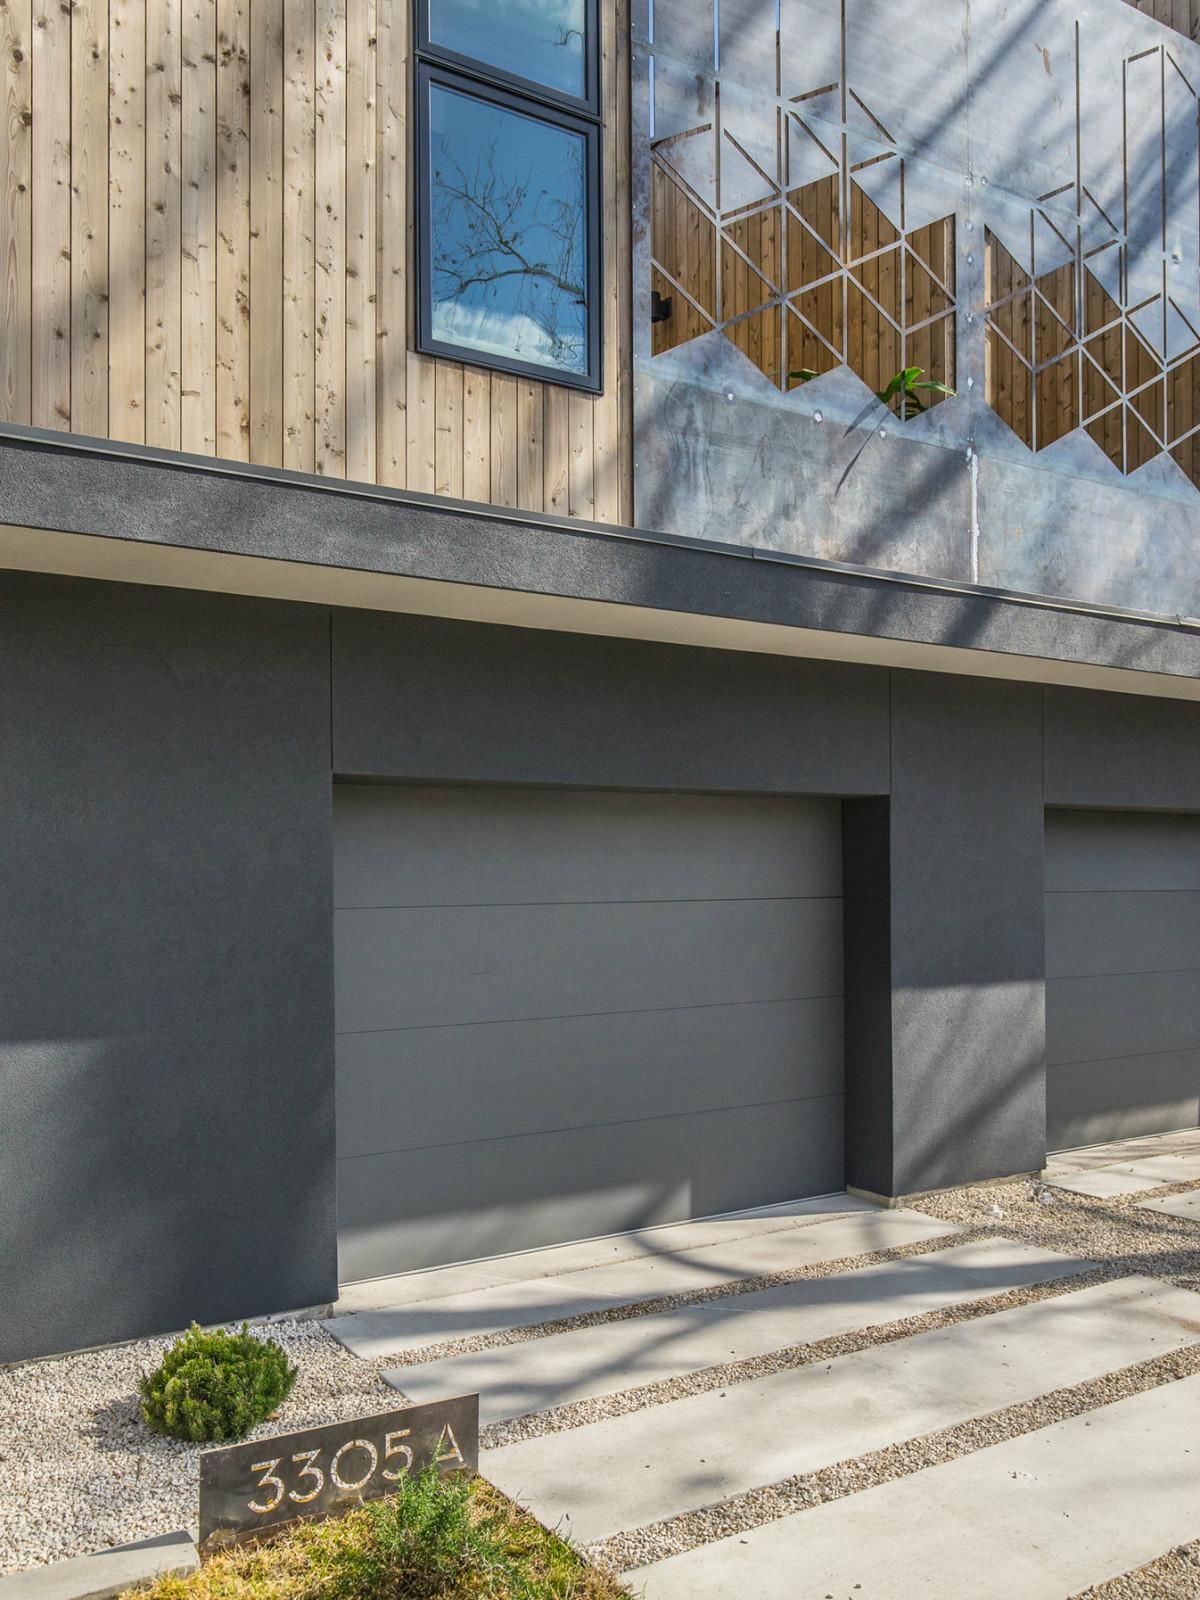 Austin house home dulplex 3305 Garden Villa Lane 78704 March 2016 front unit a